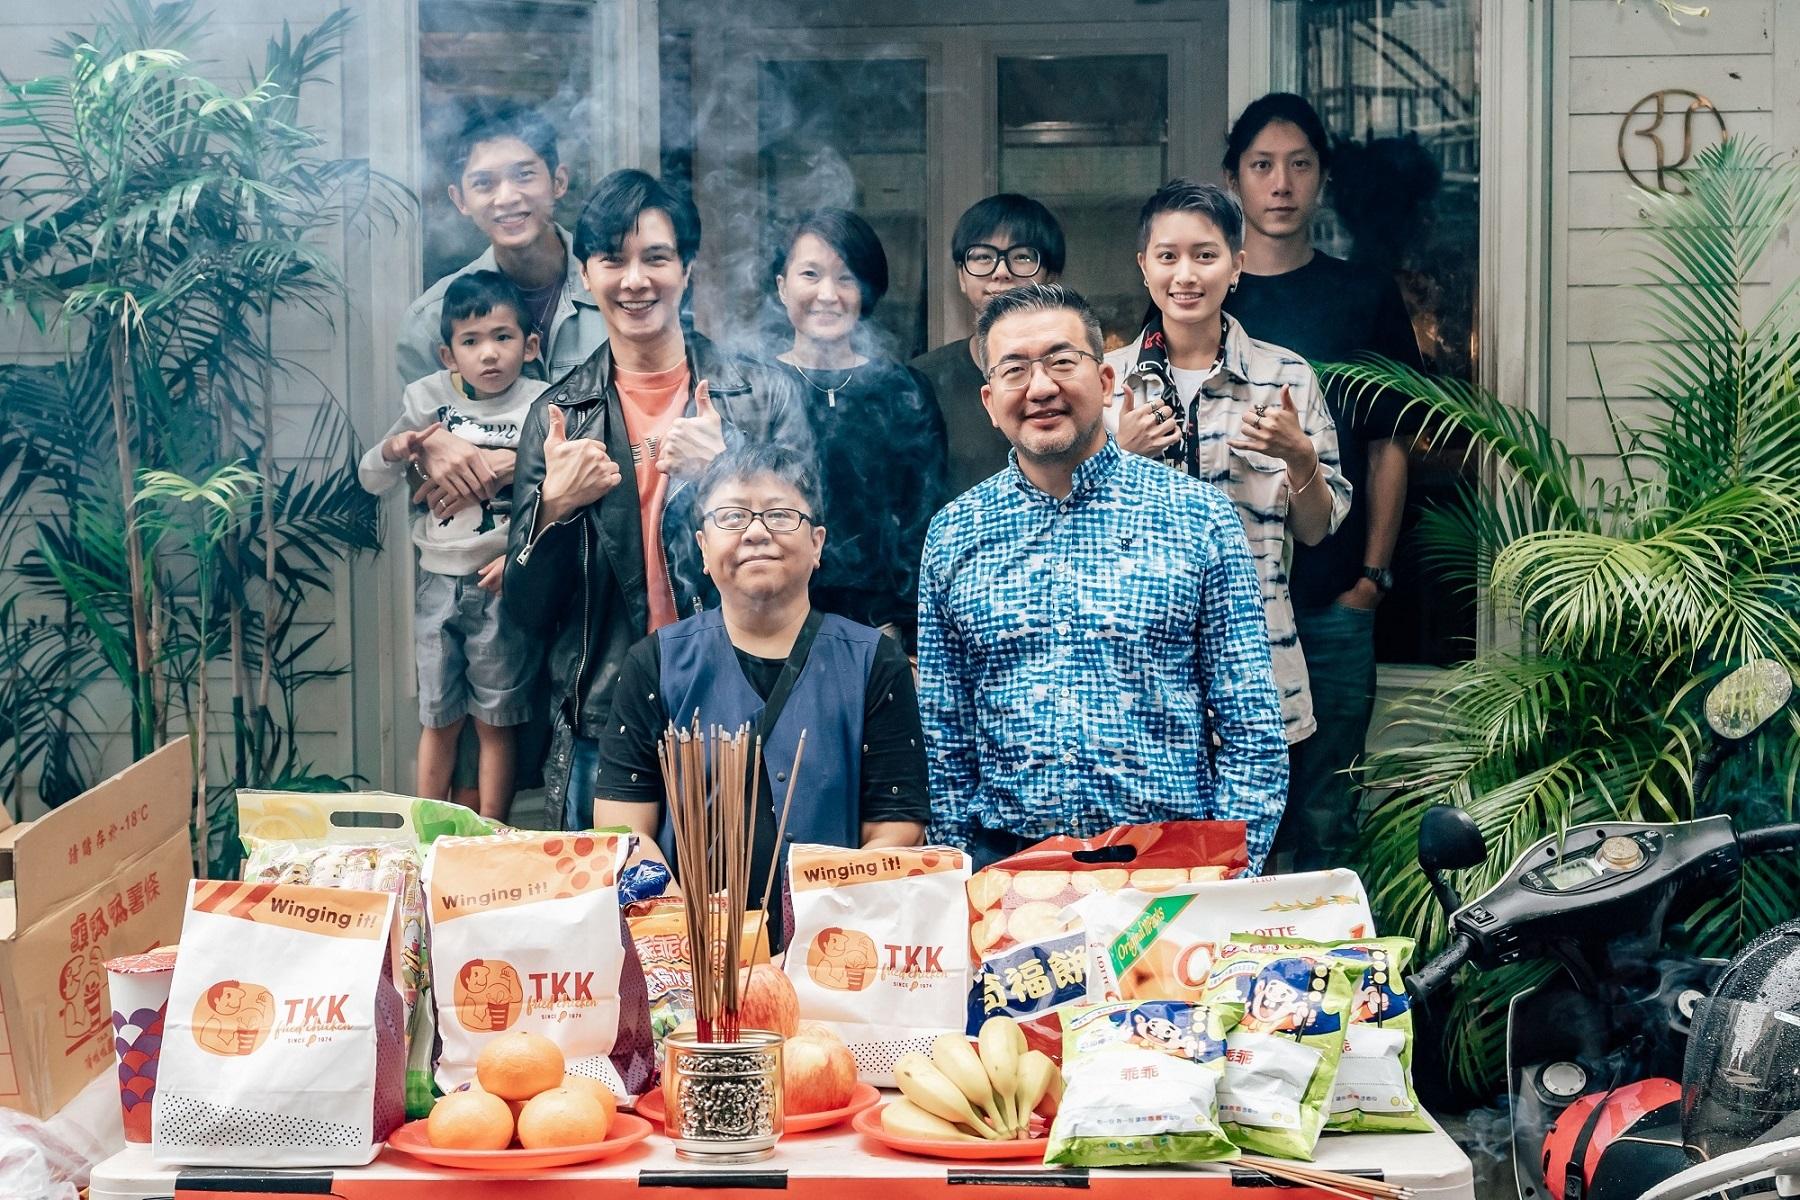 台灣第一部同志家庭網路劇《酷蓋爸爸》,謝佳見首度出演同志角色